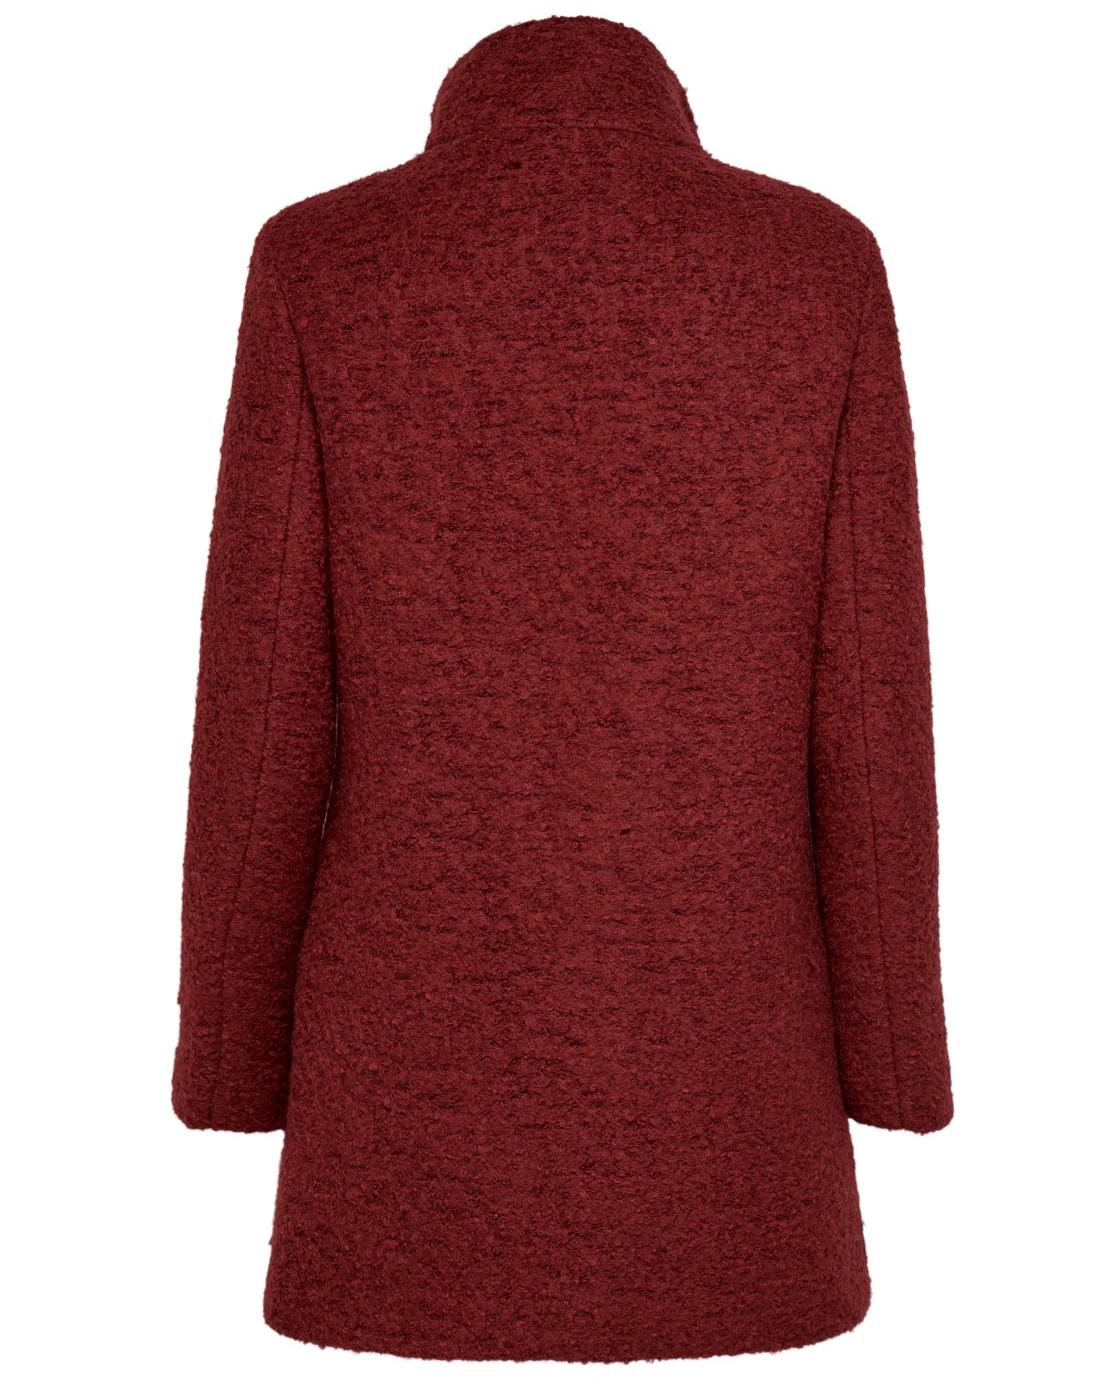 Only płaszcz damski onlally Sophia wool Coat CC otw, kolor: szary (Light Grey Melange), rozmiar: 40 (rozmiar producenta: L) B073RKV944